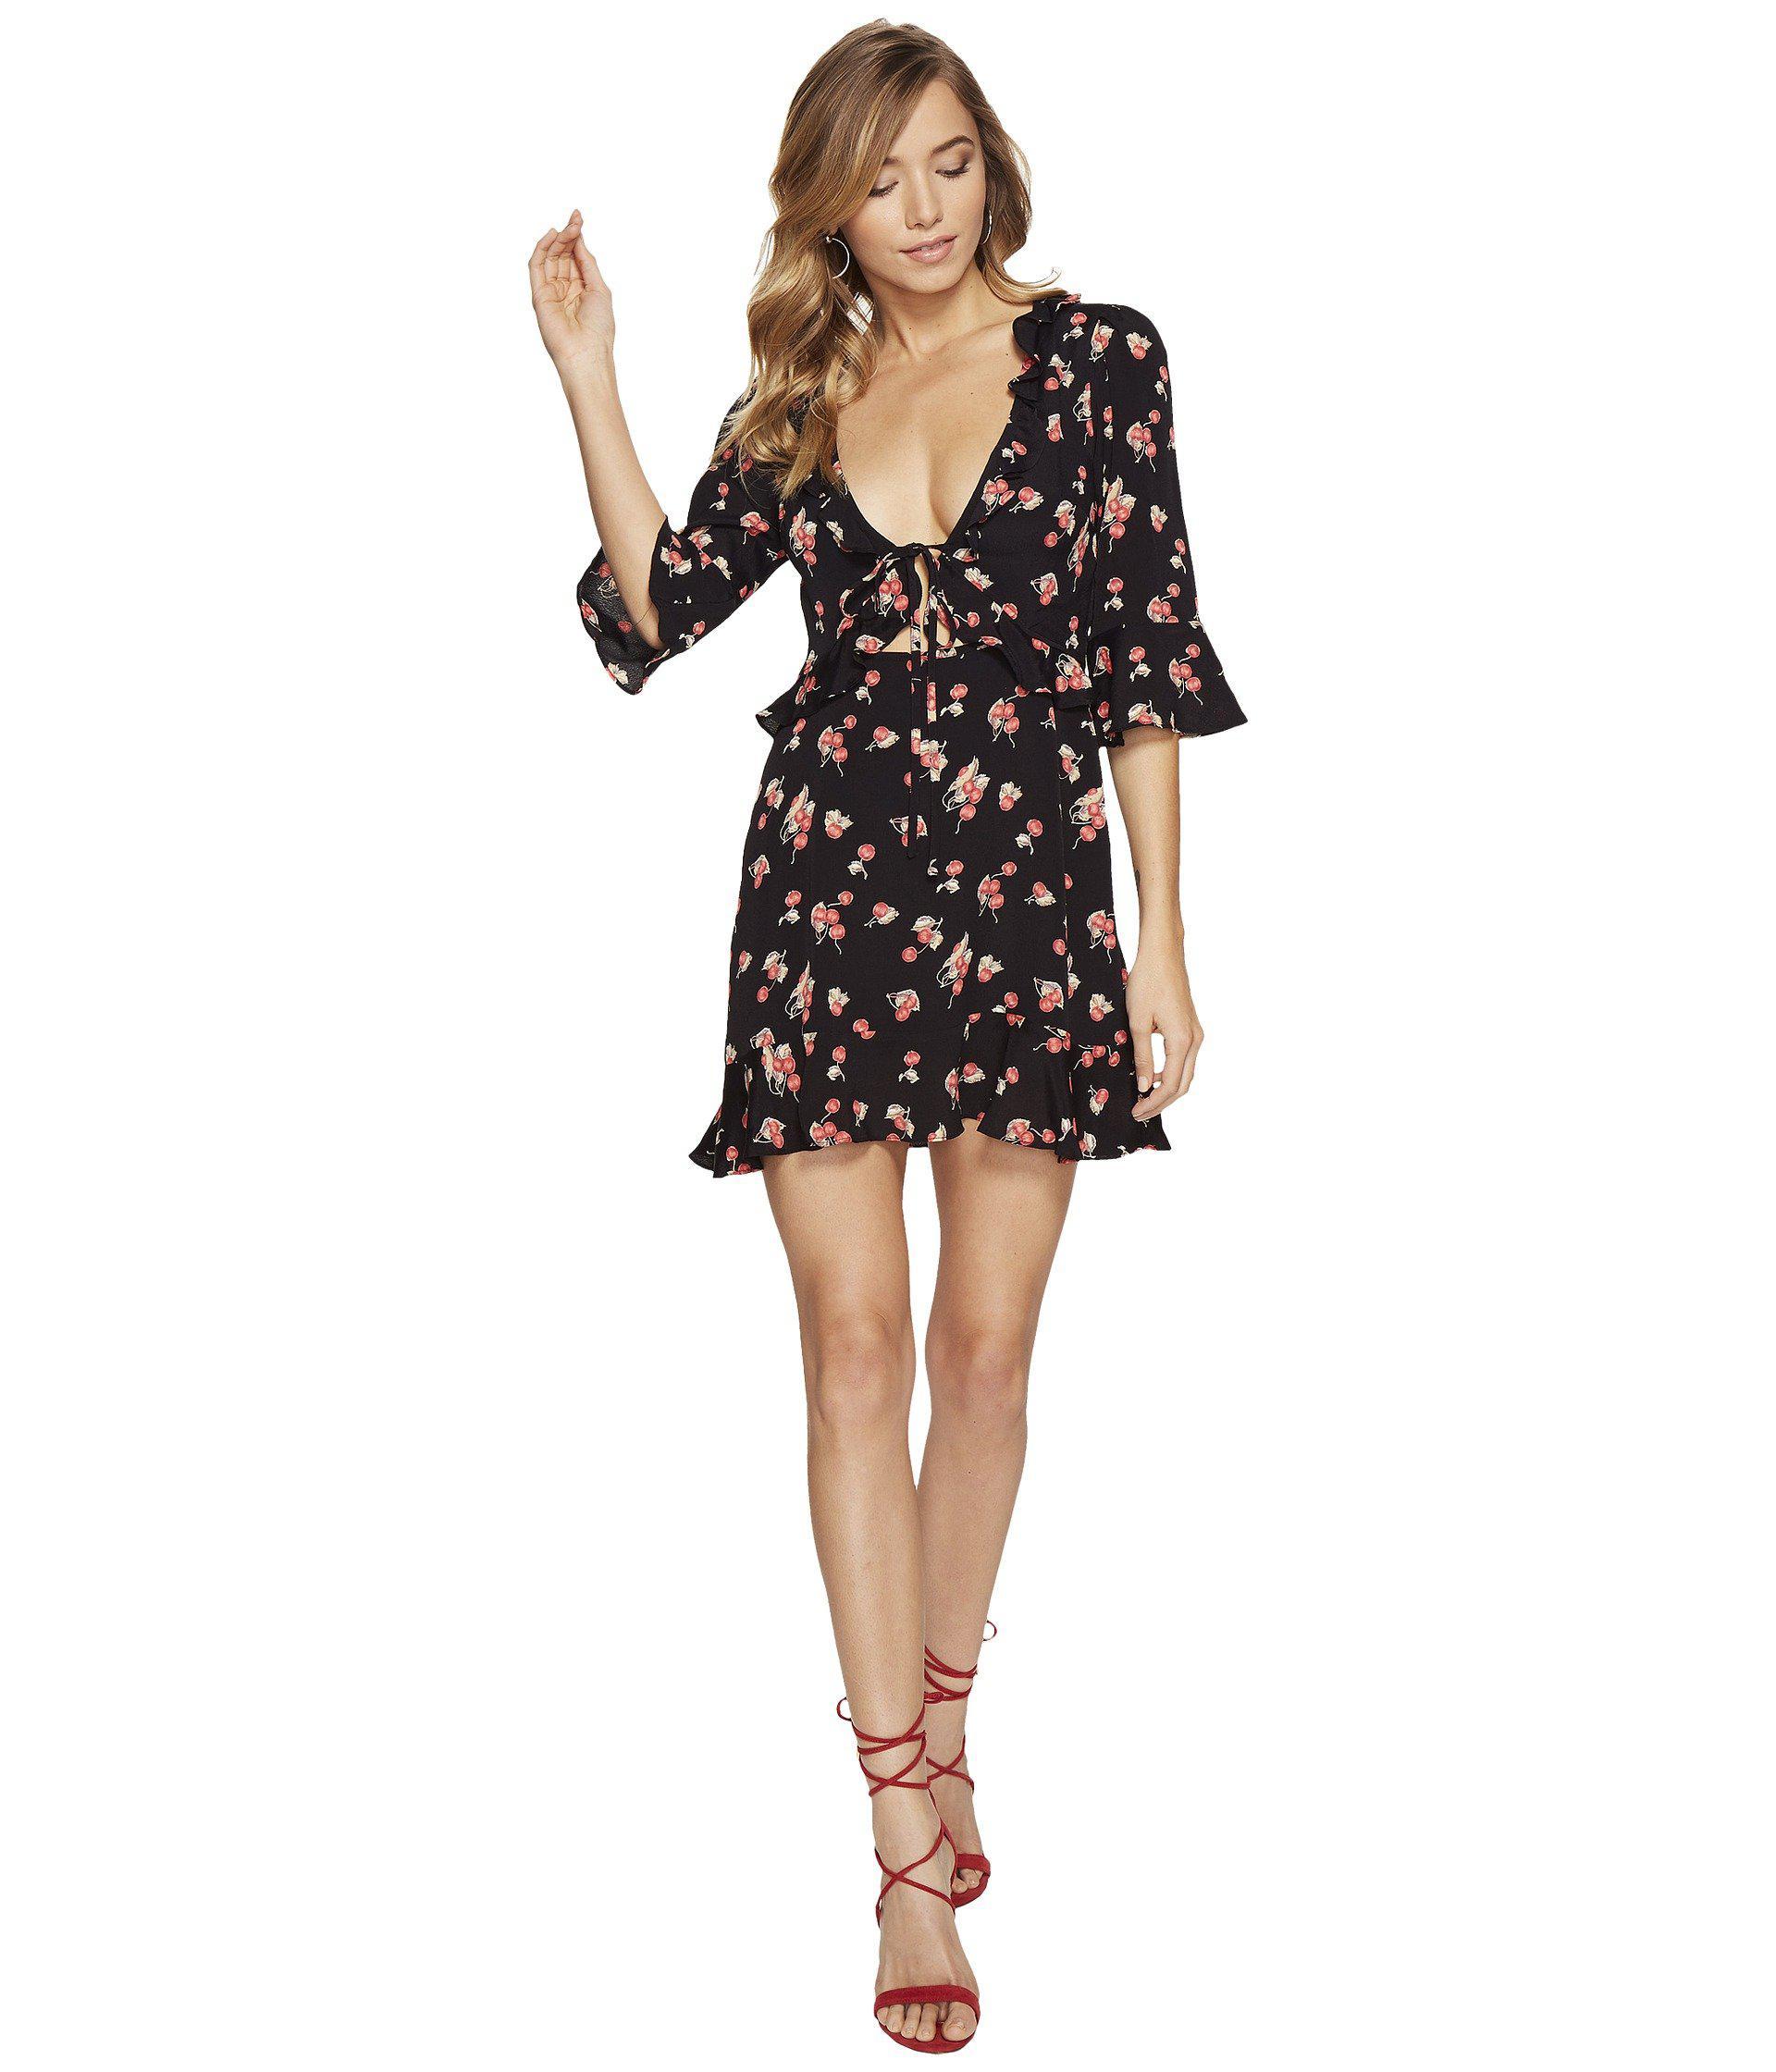 387404e6491 Lyst - For Love   Lemons Cherry Sundress in Black